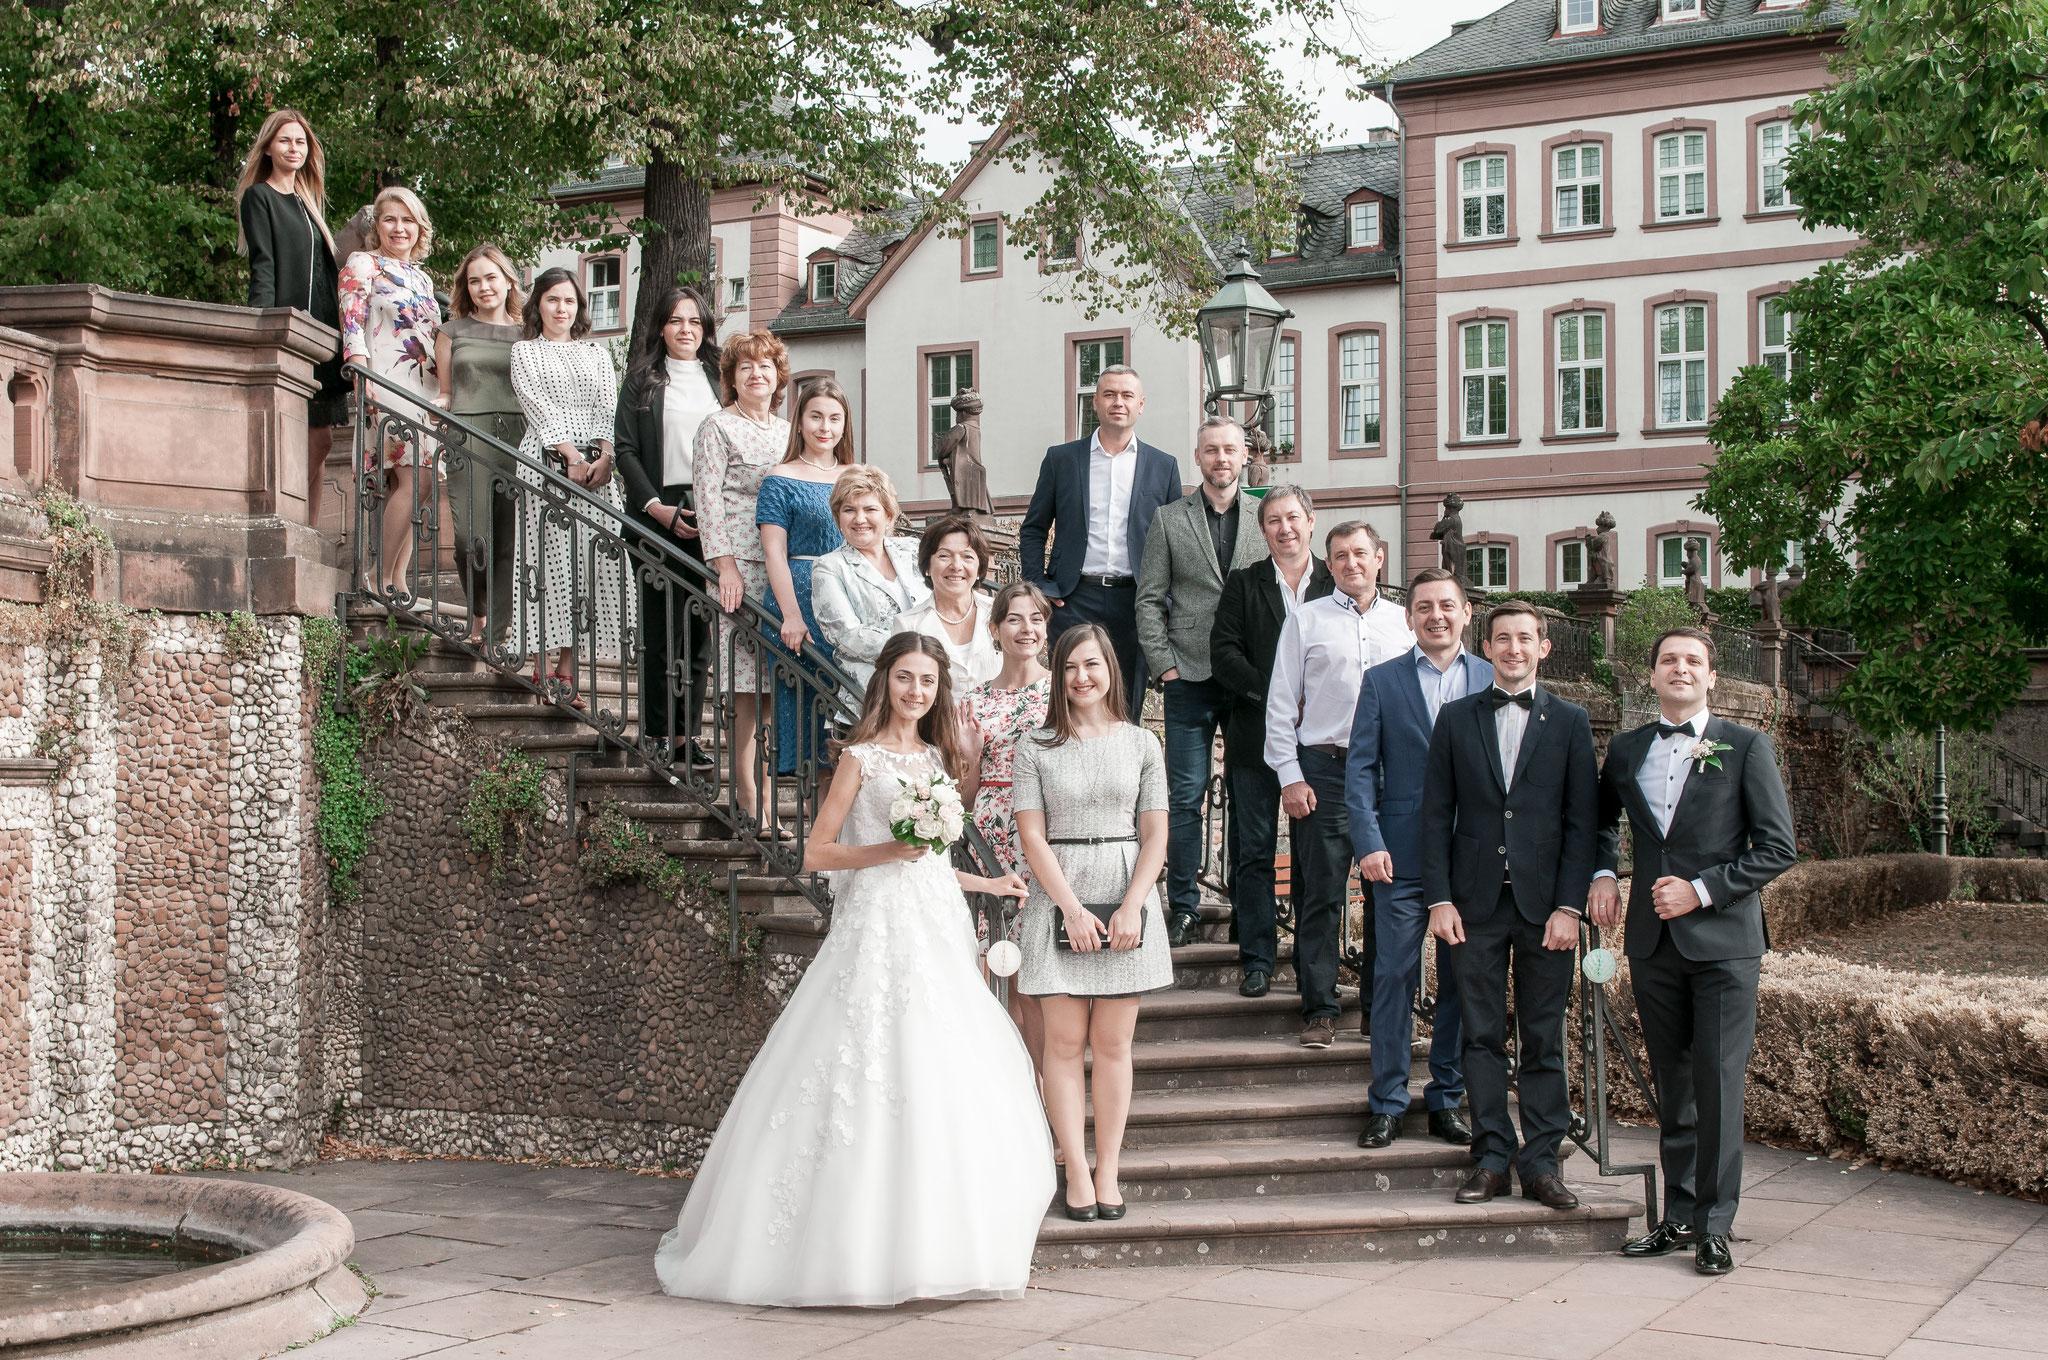 Gruppenaufnahmen vor dem Standesamt in Frankfurt Höchst